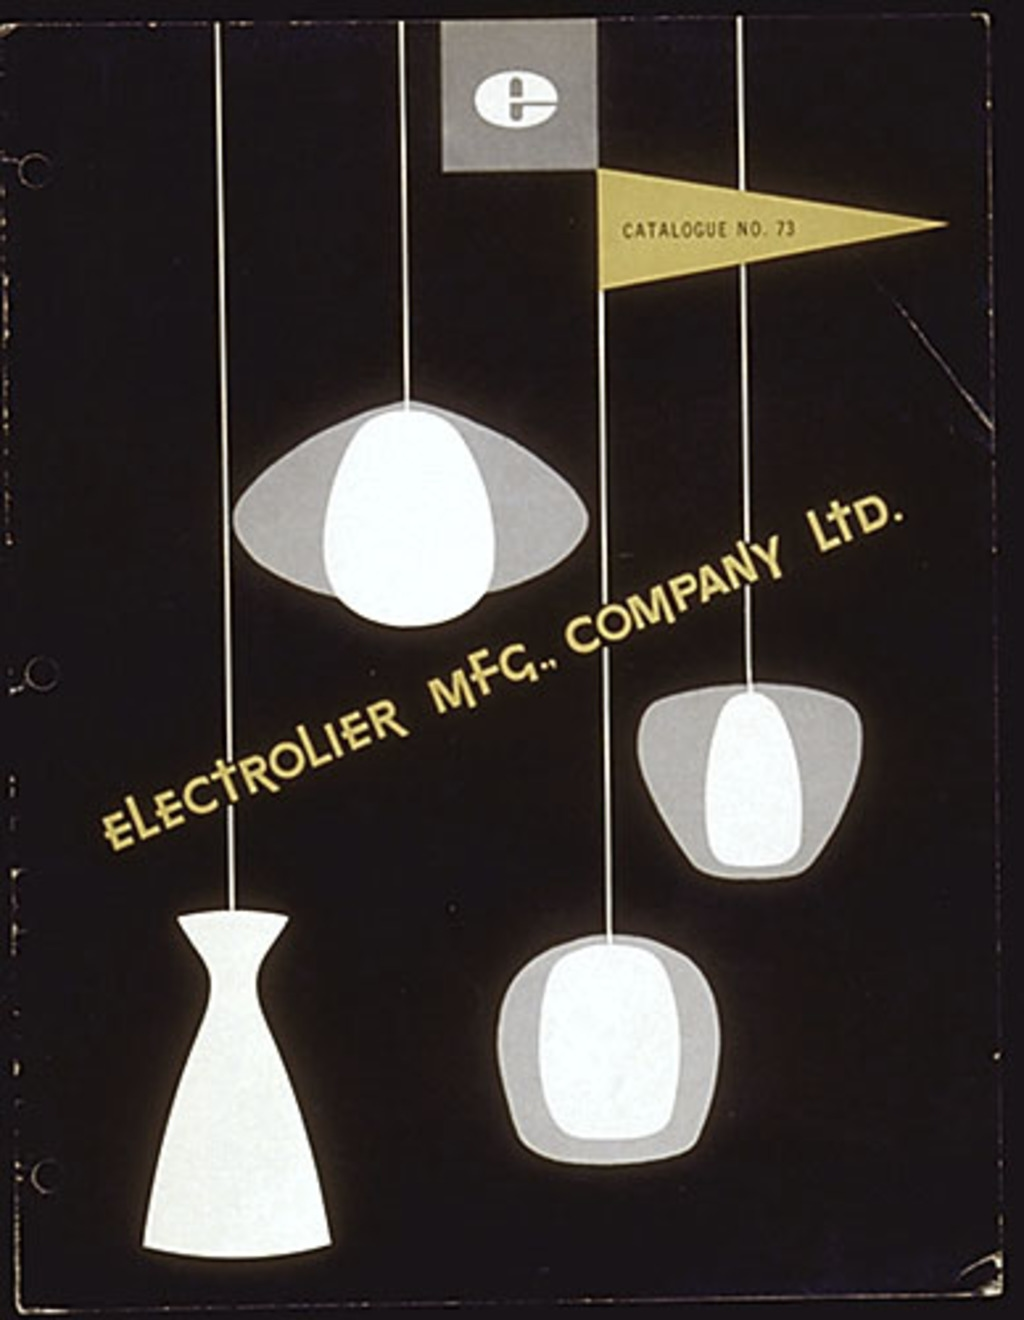 Dépliant « Electrolier Mfg Company »